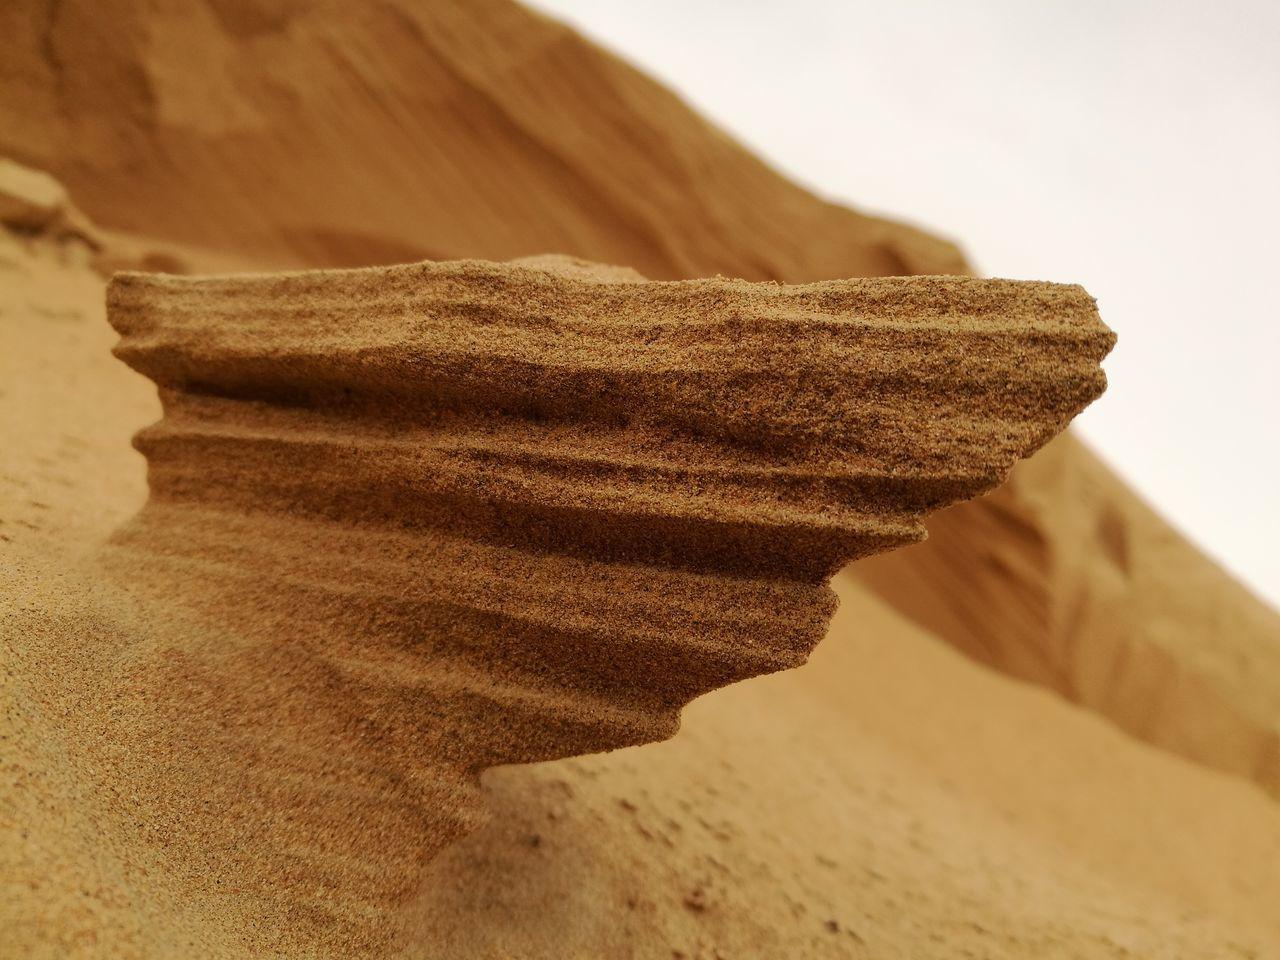 عوامل التعرية - Nature Outdoors HUAWEIP9PLUS Erosion